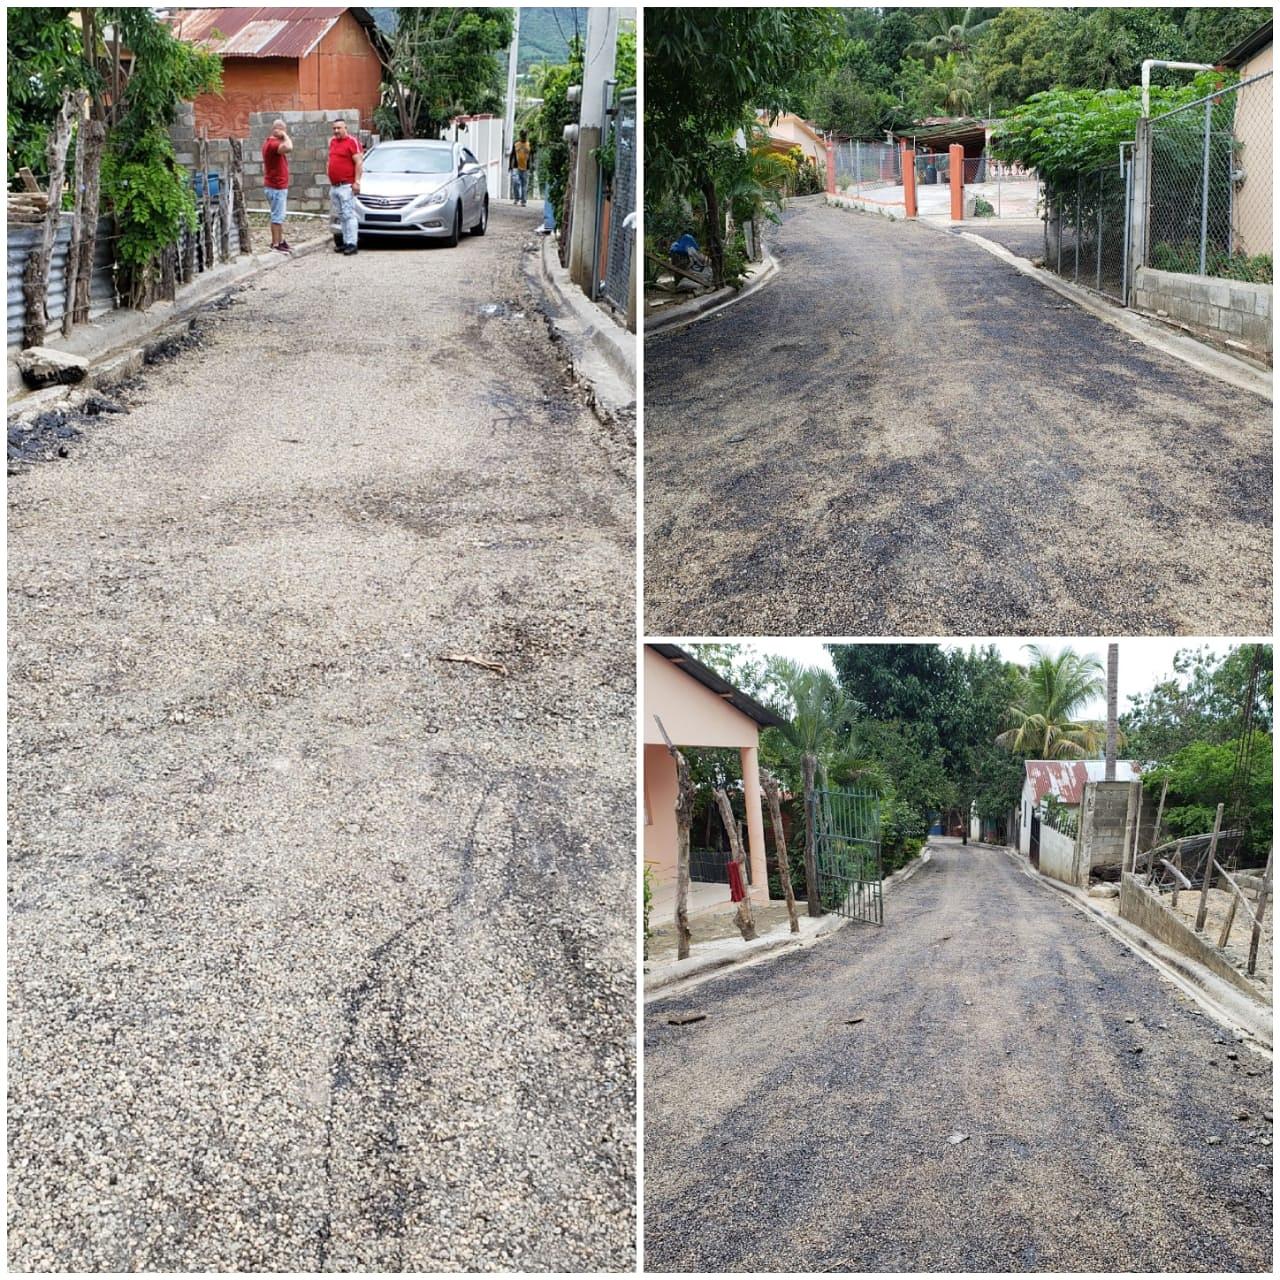 La continua con el programa de imprimación de calles en las comunidades faltantes. Imágenes del sector San Pedro.